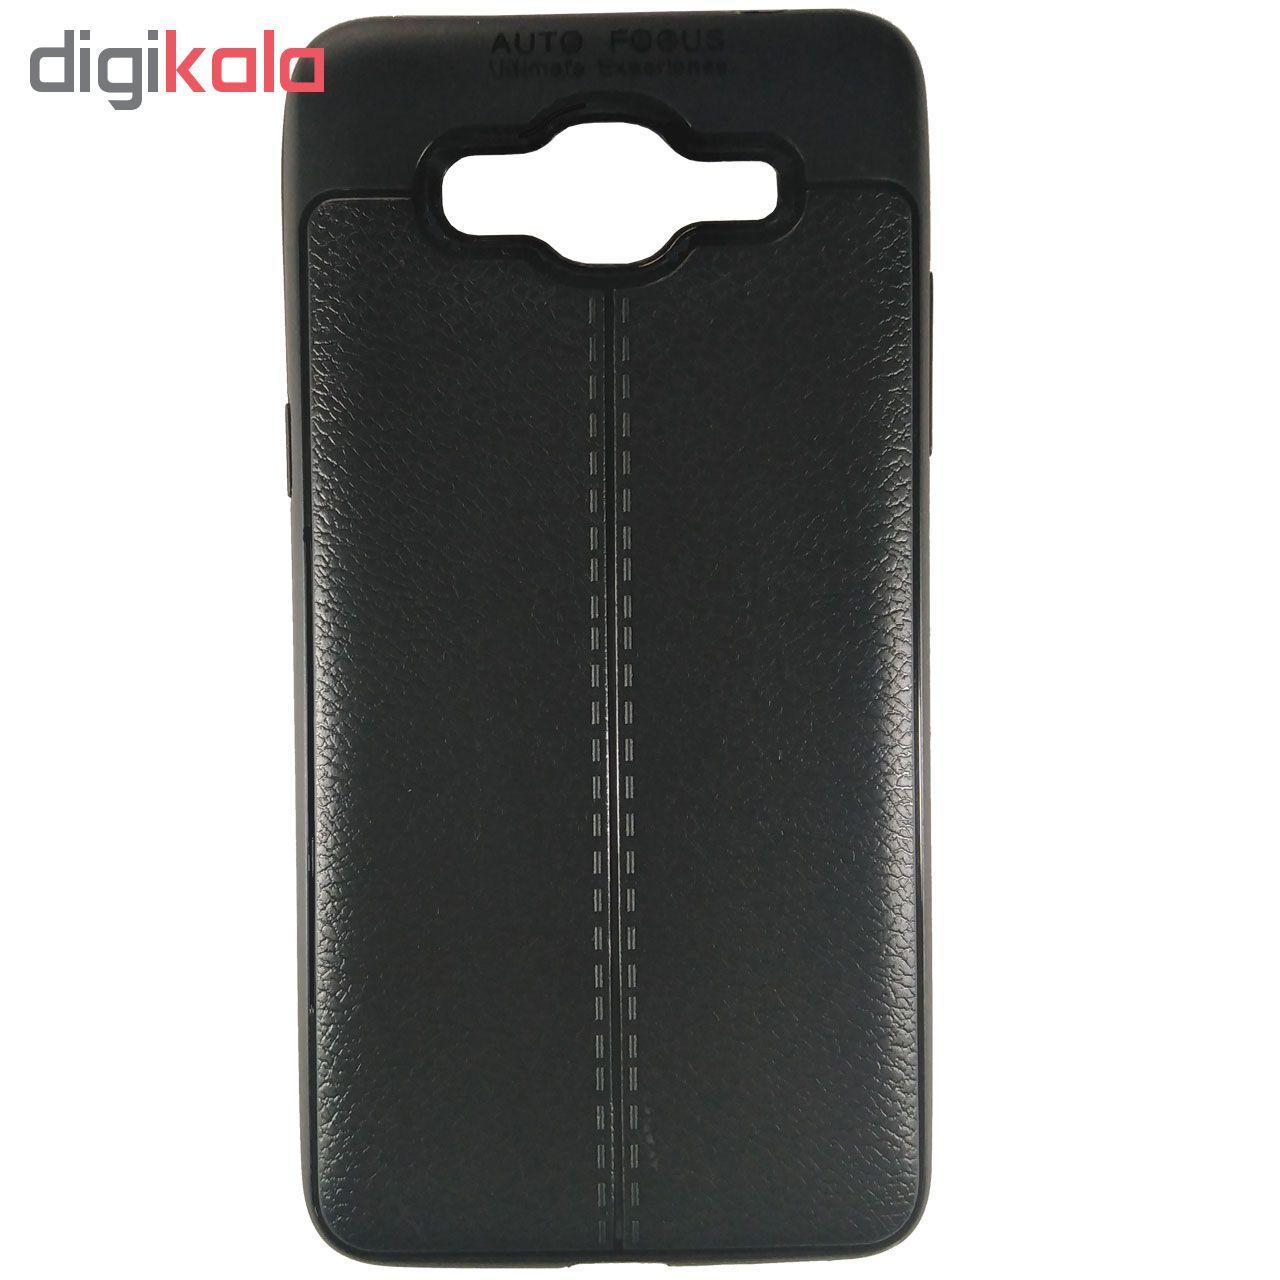 کاور مدل H43 مناسب برای گوشی موبایل سامسونگ Galaxy grand prime main 1 2